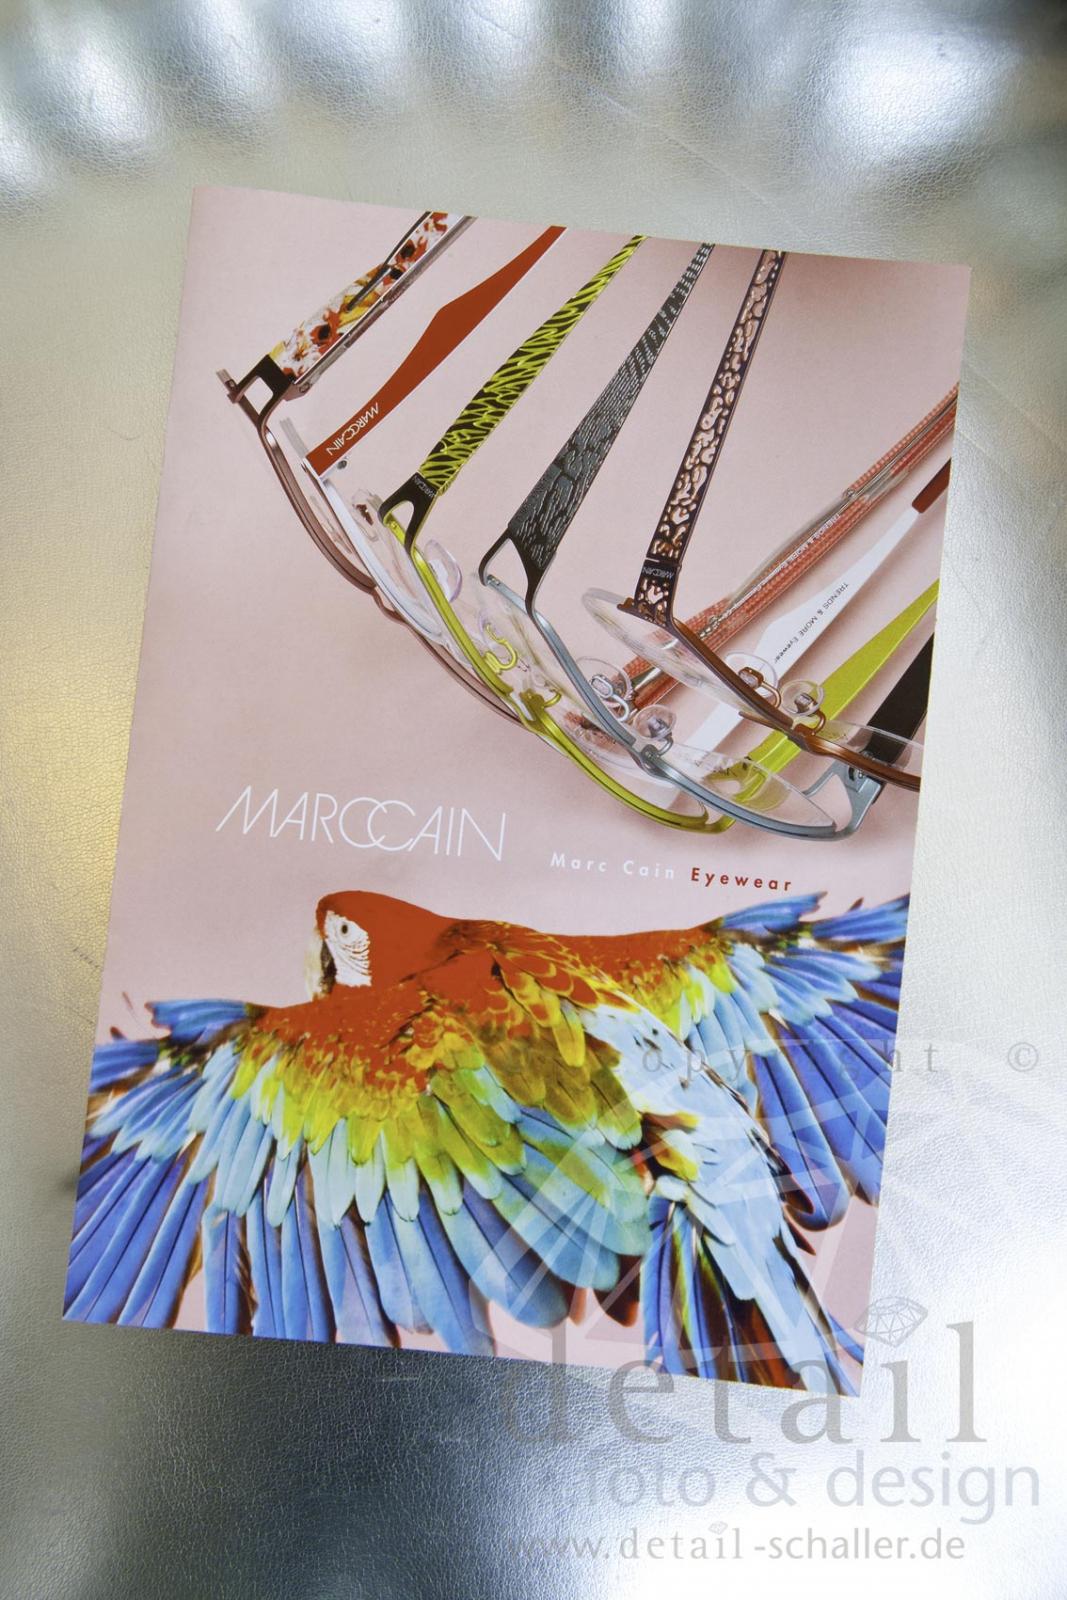 Marccain-Brillen exklusiv präsentiert